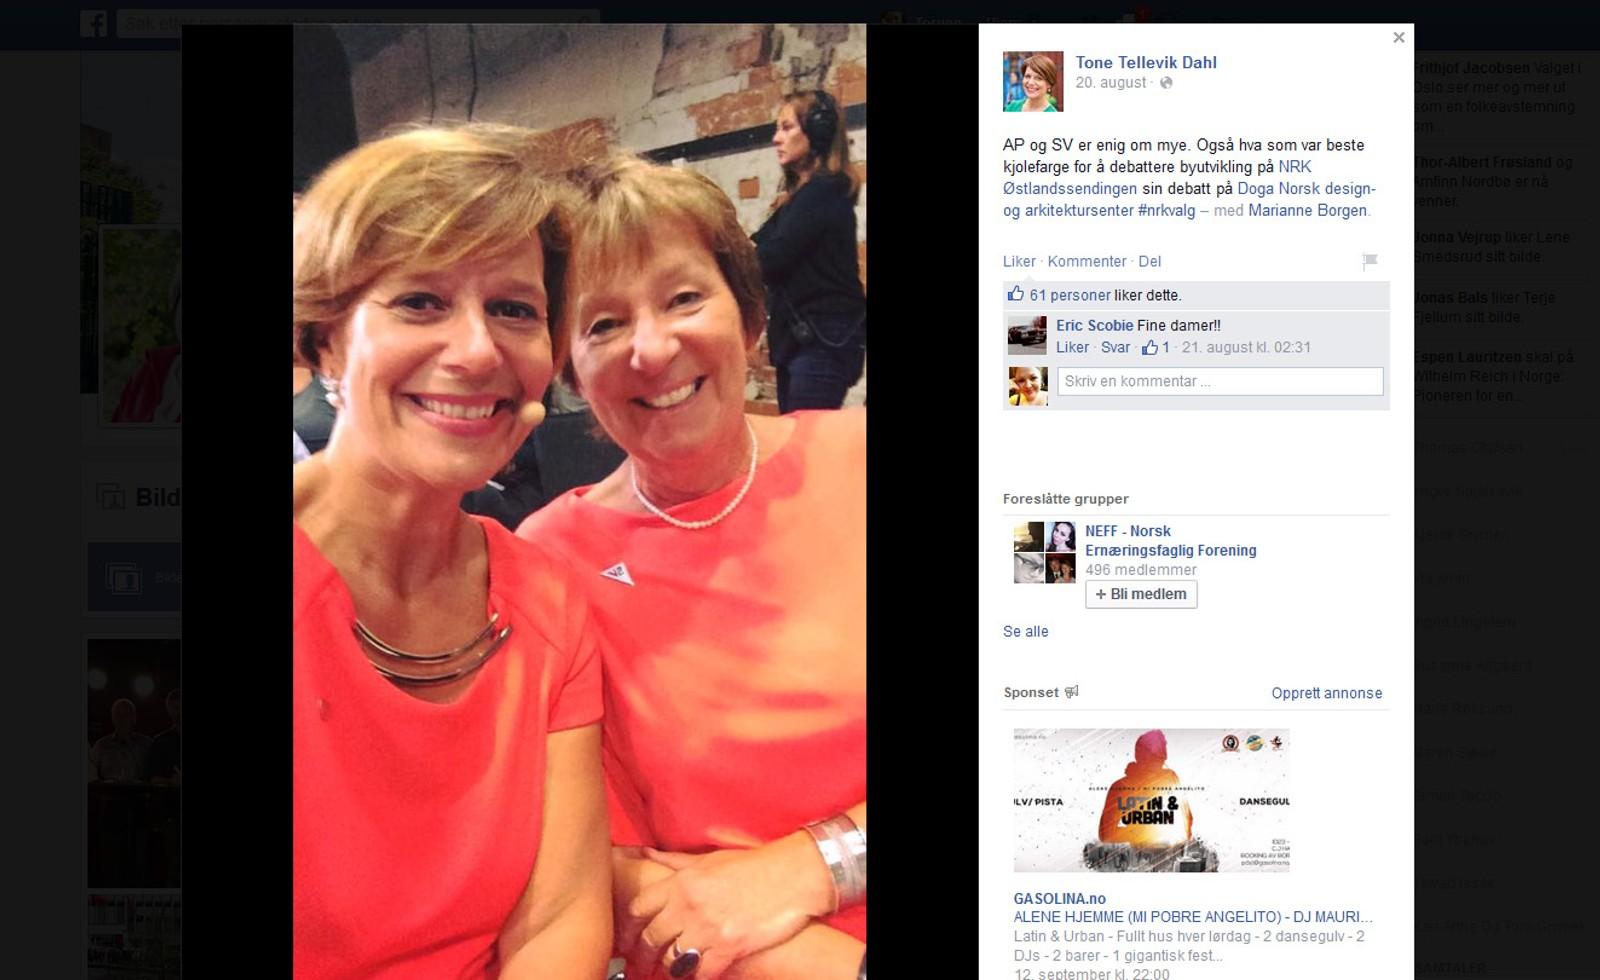 SVs ordførerkandidat i Oslo, Marianne Borgen, bruker Facebook til å dele bilder med både humor og nærhet for å spre sitt politiske budskap og ståsted. Her har APs Tone Tellevik Dahl delt et bilde med dem to i nesten like kjoler før en TV-debatt.